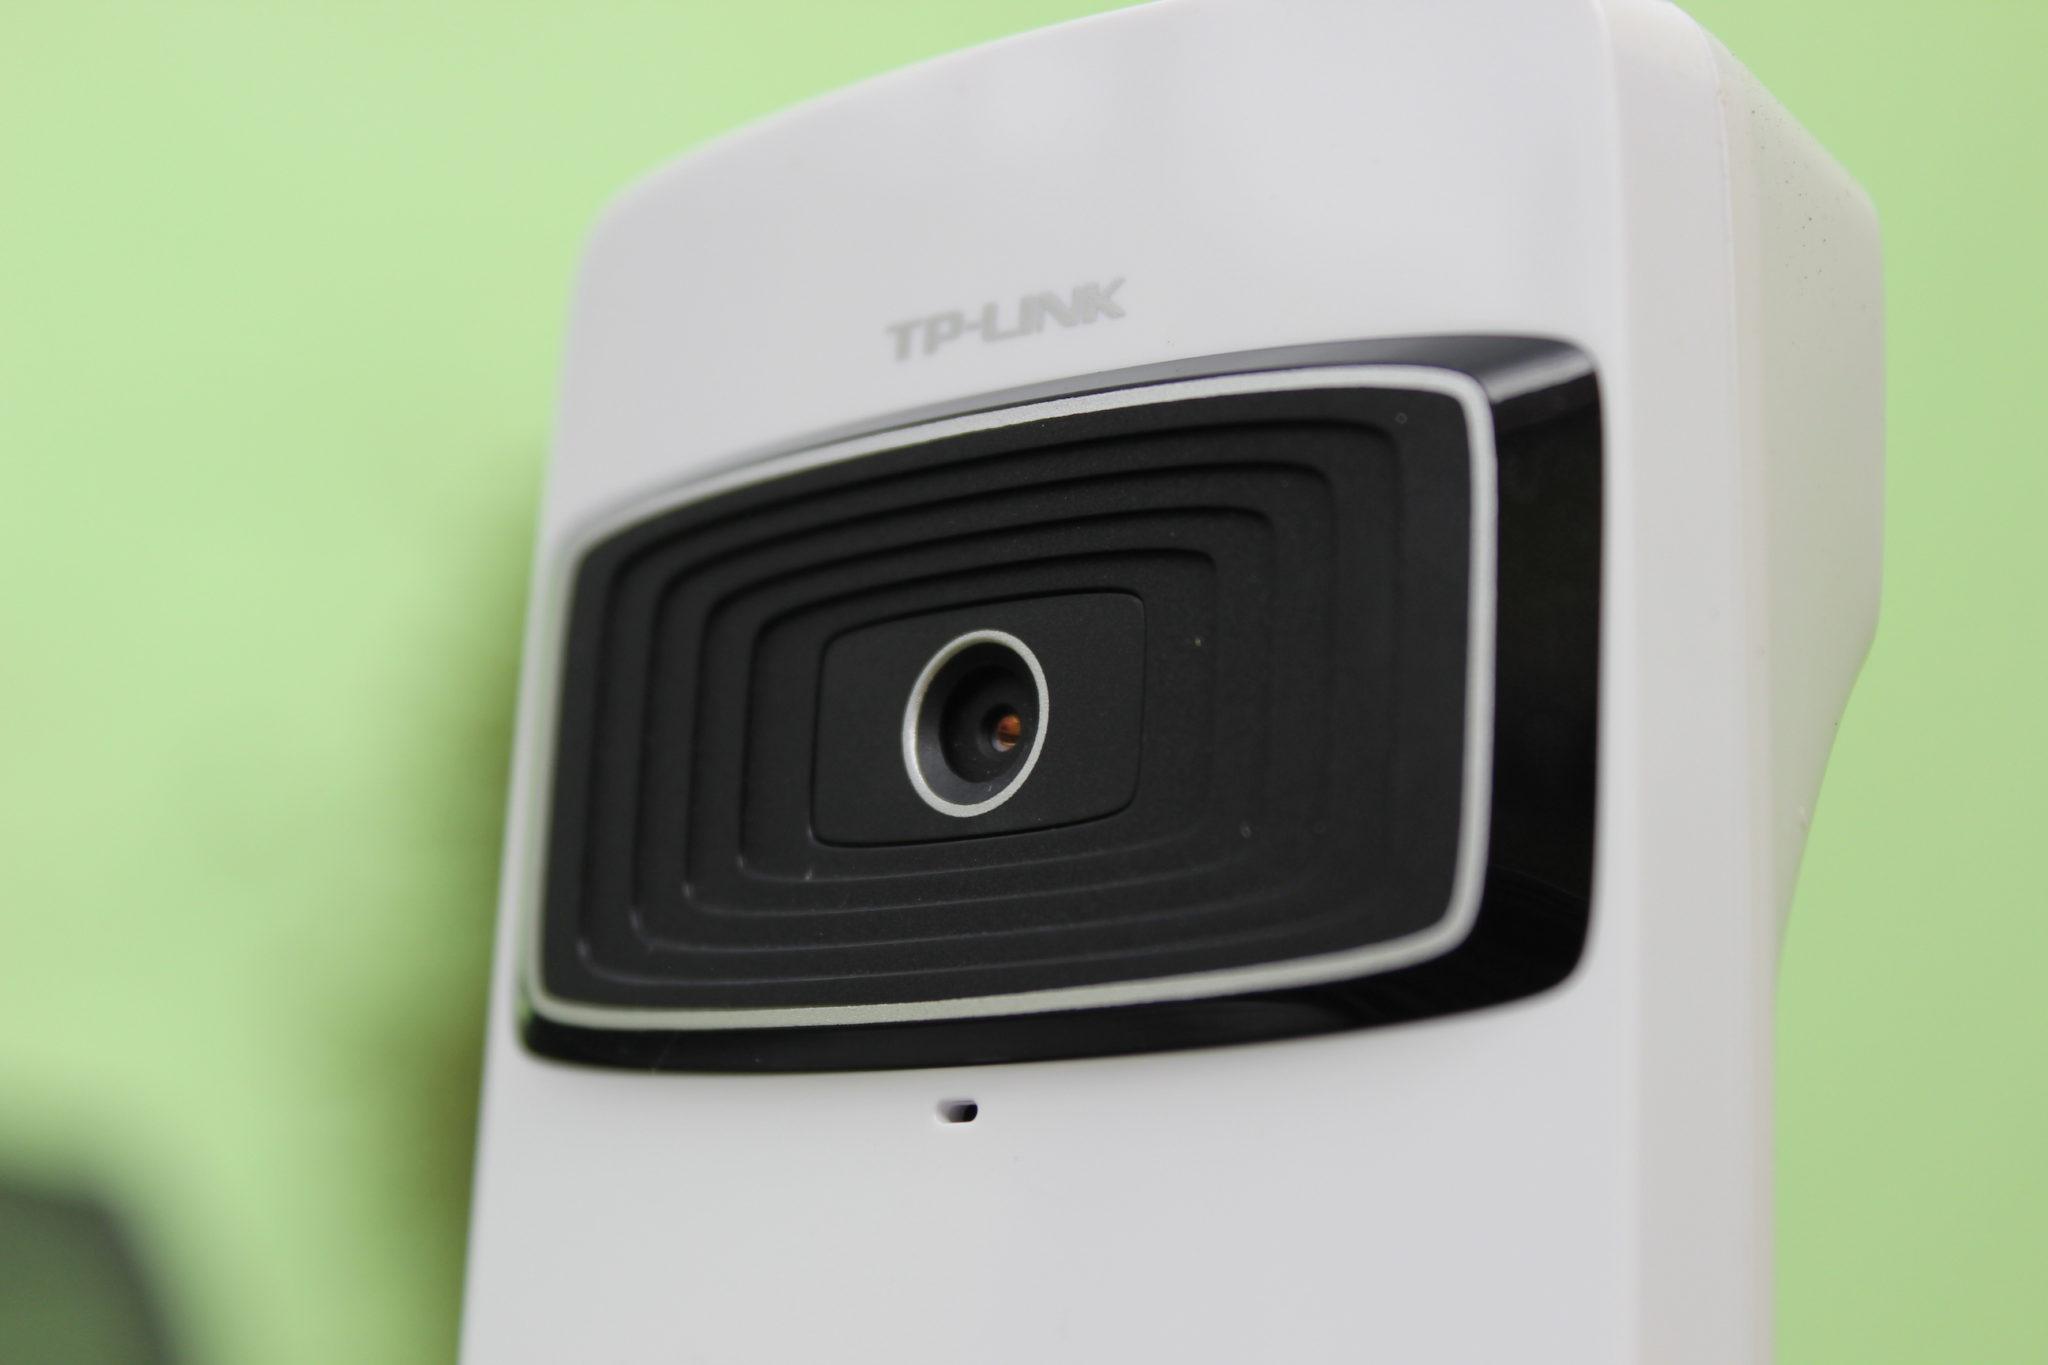 Recenze TP-LINK NC200: Cloudová kamera pro každého | Český Mac